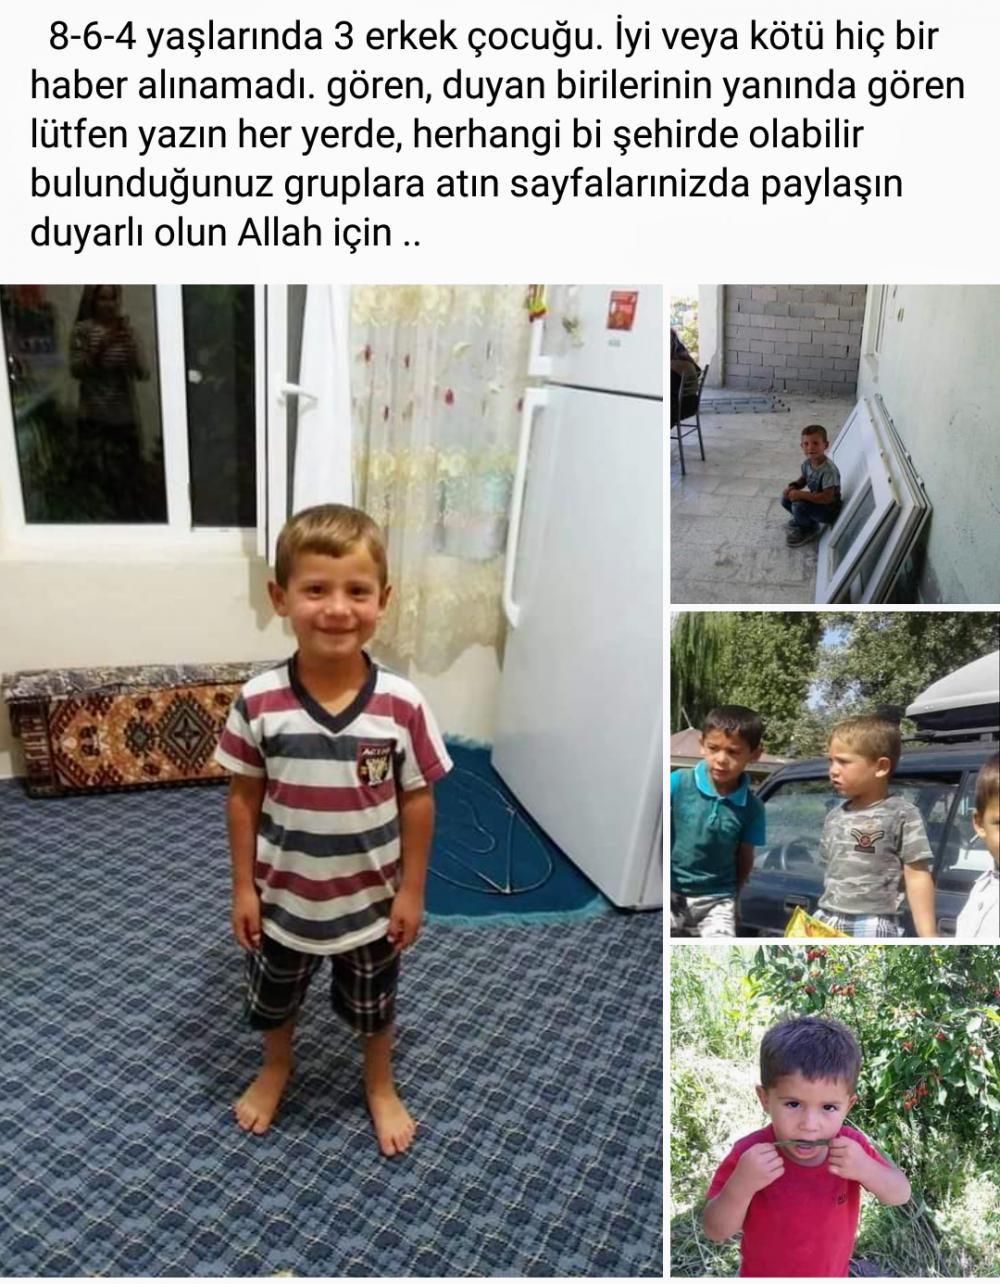 Konya'da kayıp olan 3 küçük çocuktan hala haber alınamadı